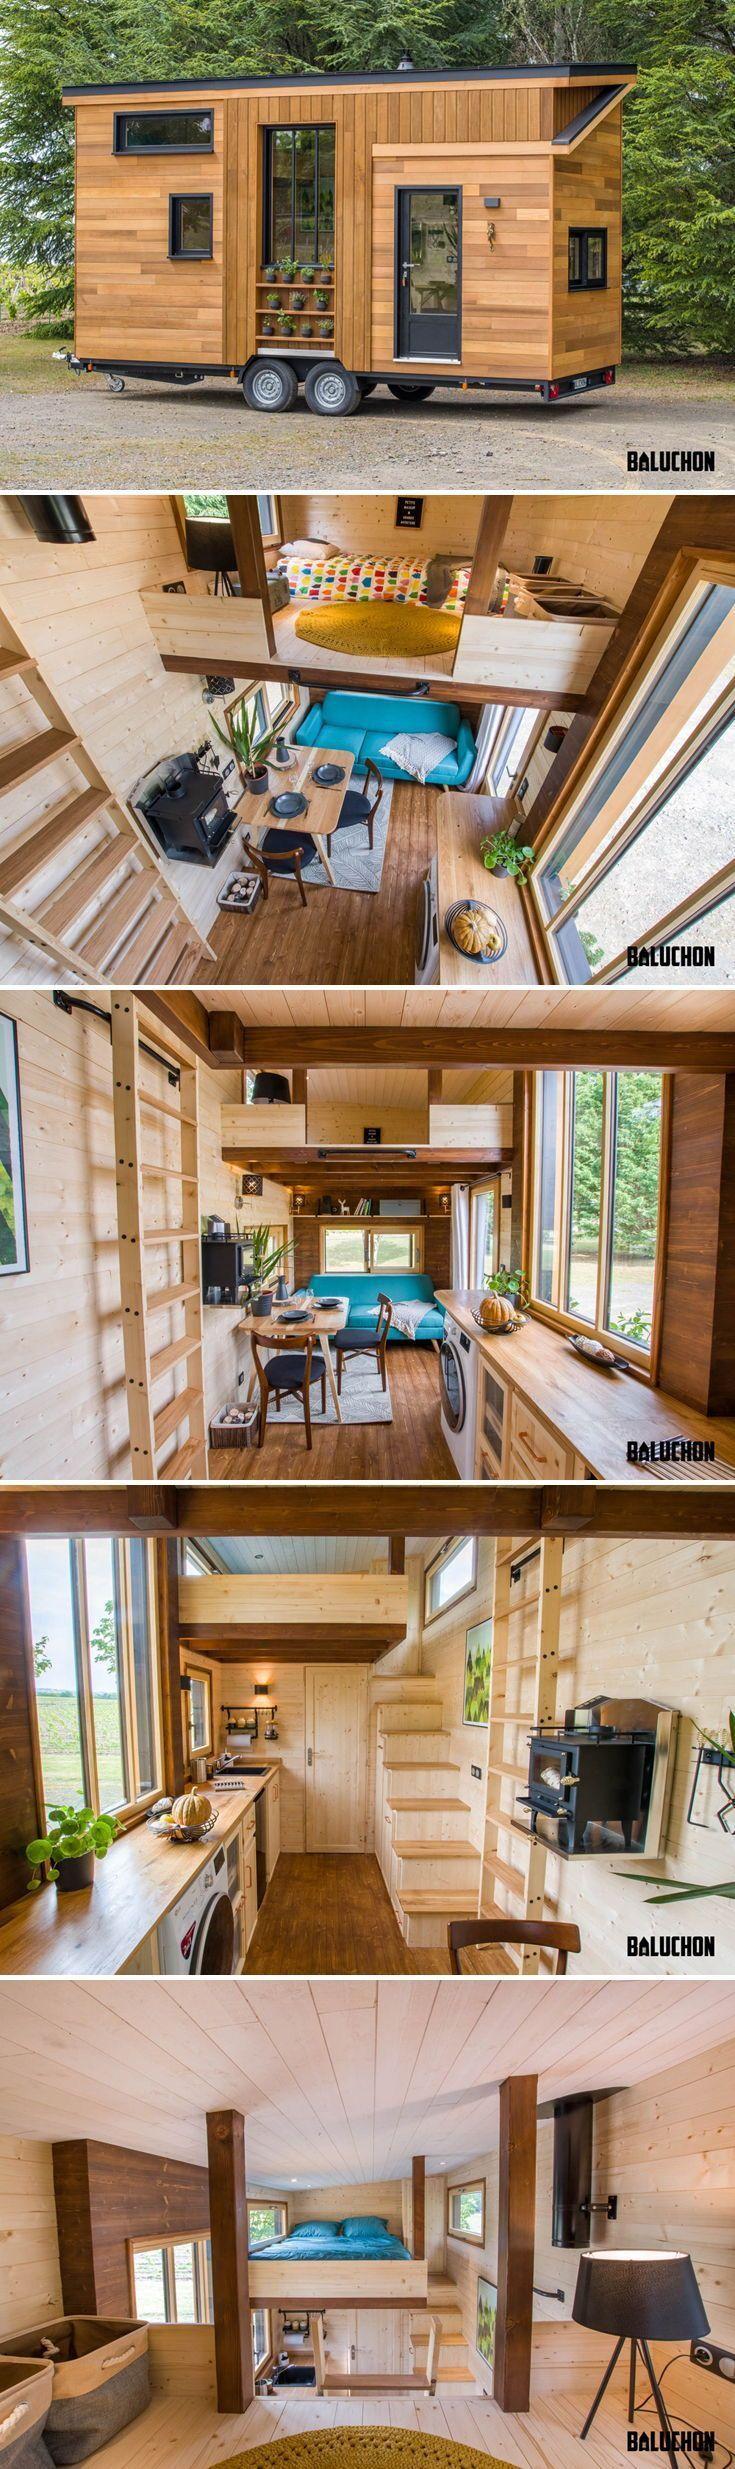 Astrild von Baluchon - Tiny Living - #astrild #baluchon #living - #new #tinylivingideas Astrild von Baluchon - Tiny Living - #astrild #baluchon #living - #new #decoratingsmalllivingroom